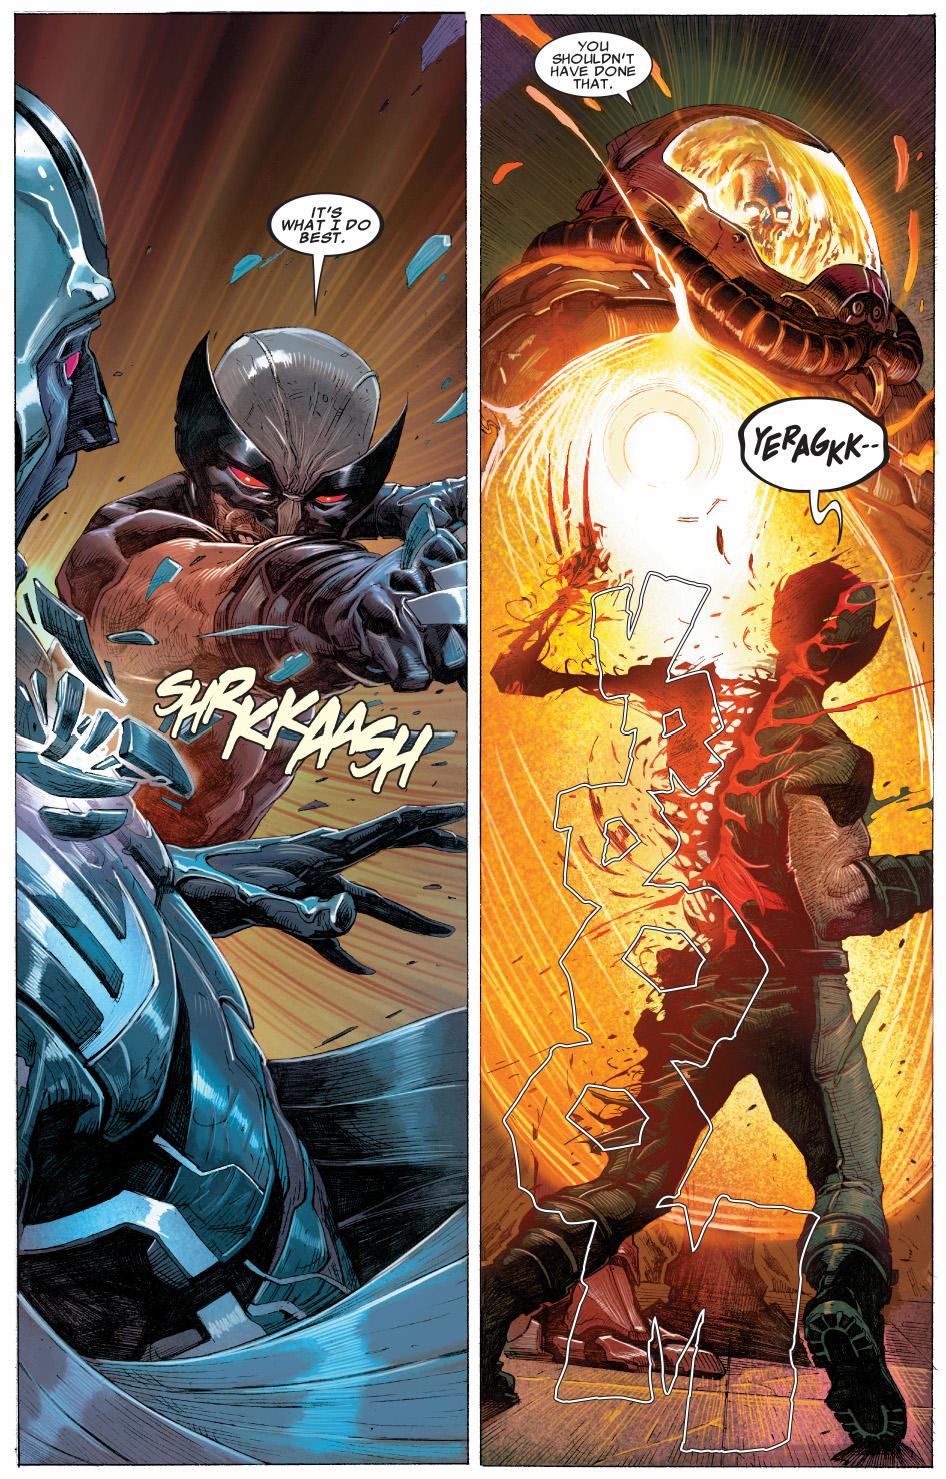 archangel and his final horsemen vs x-force